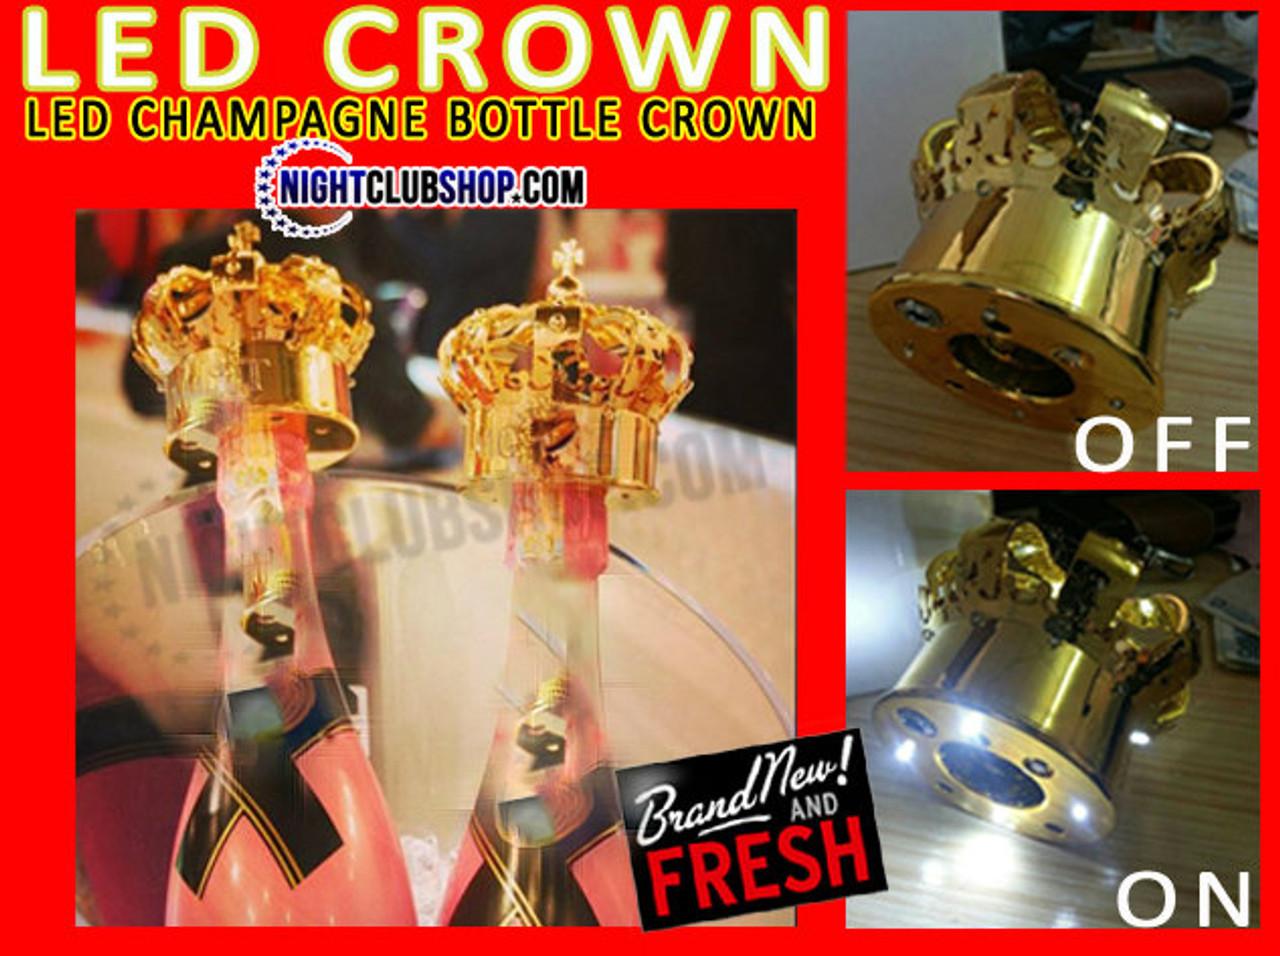 LED CROWN, MOET CROWN, LIGHT UP, CROWN,CHAMPAGNE, BOTTLE, SERVICE, DELIVERY, STROBE, NITESPARX, ALTERNATIVE, SPARKLER